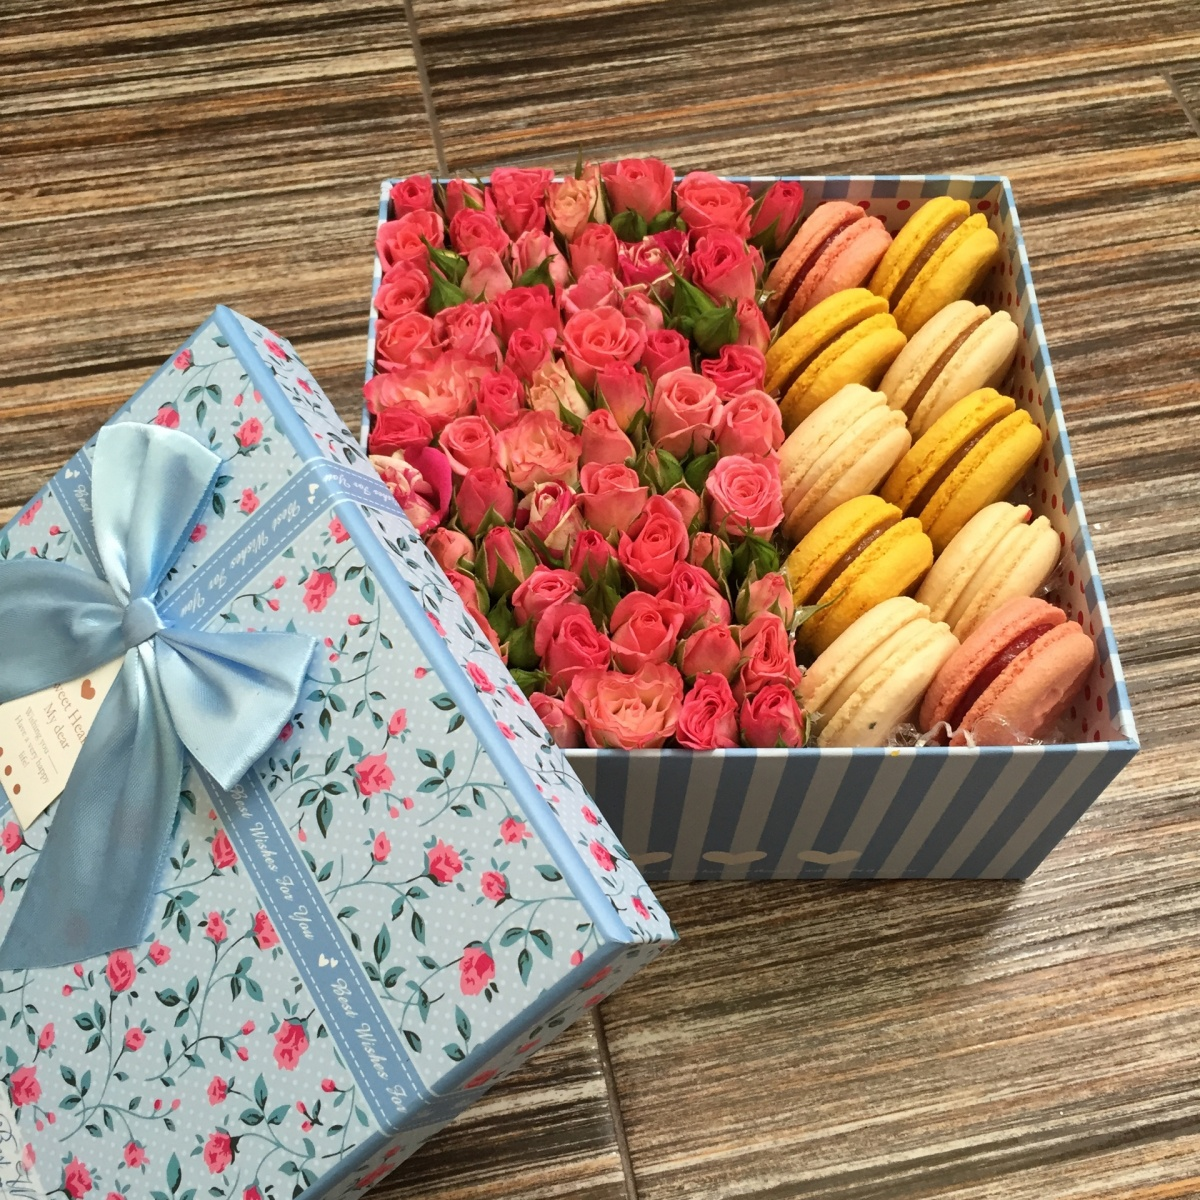 Макаруны с цветами : картинки и фото макаруны и цветы, скачать 96